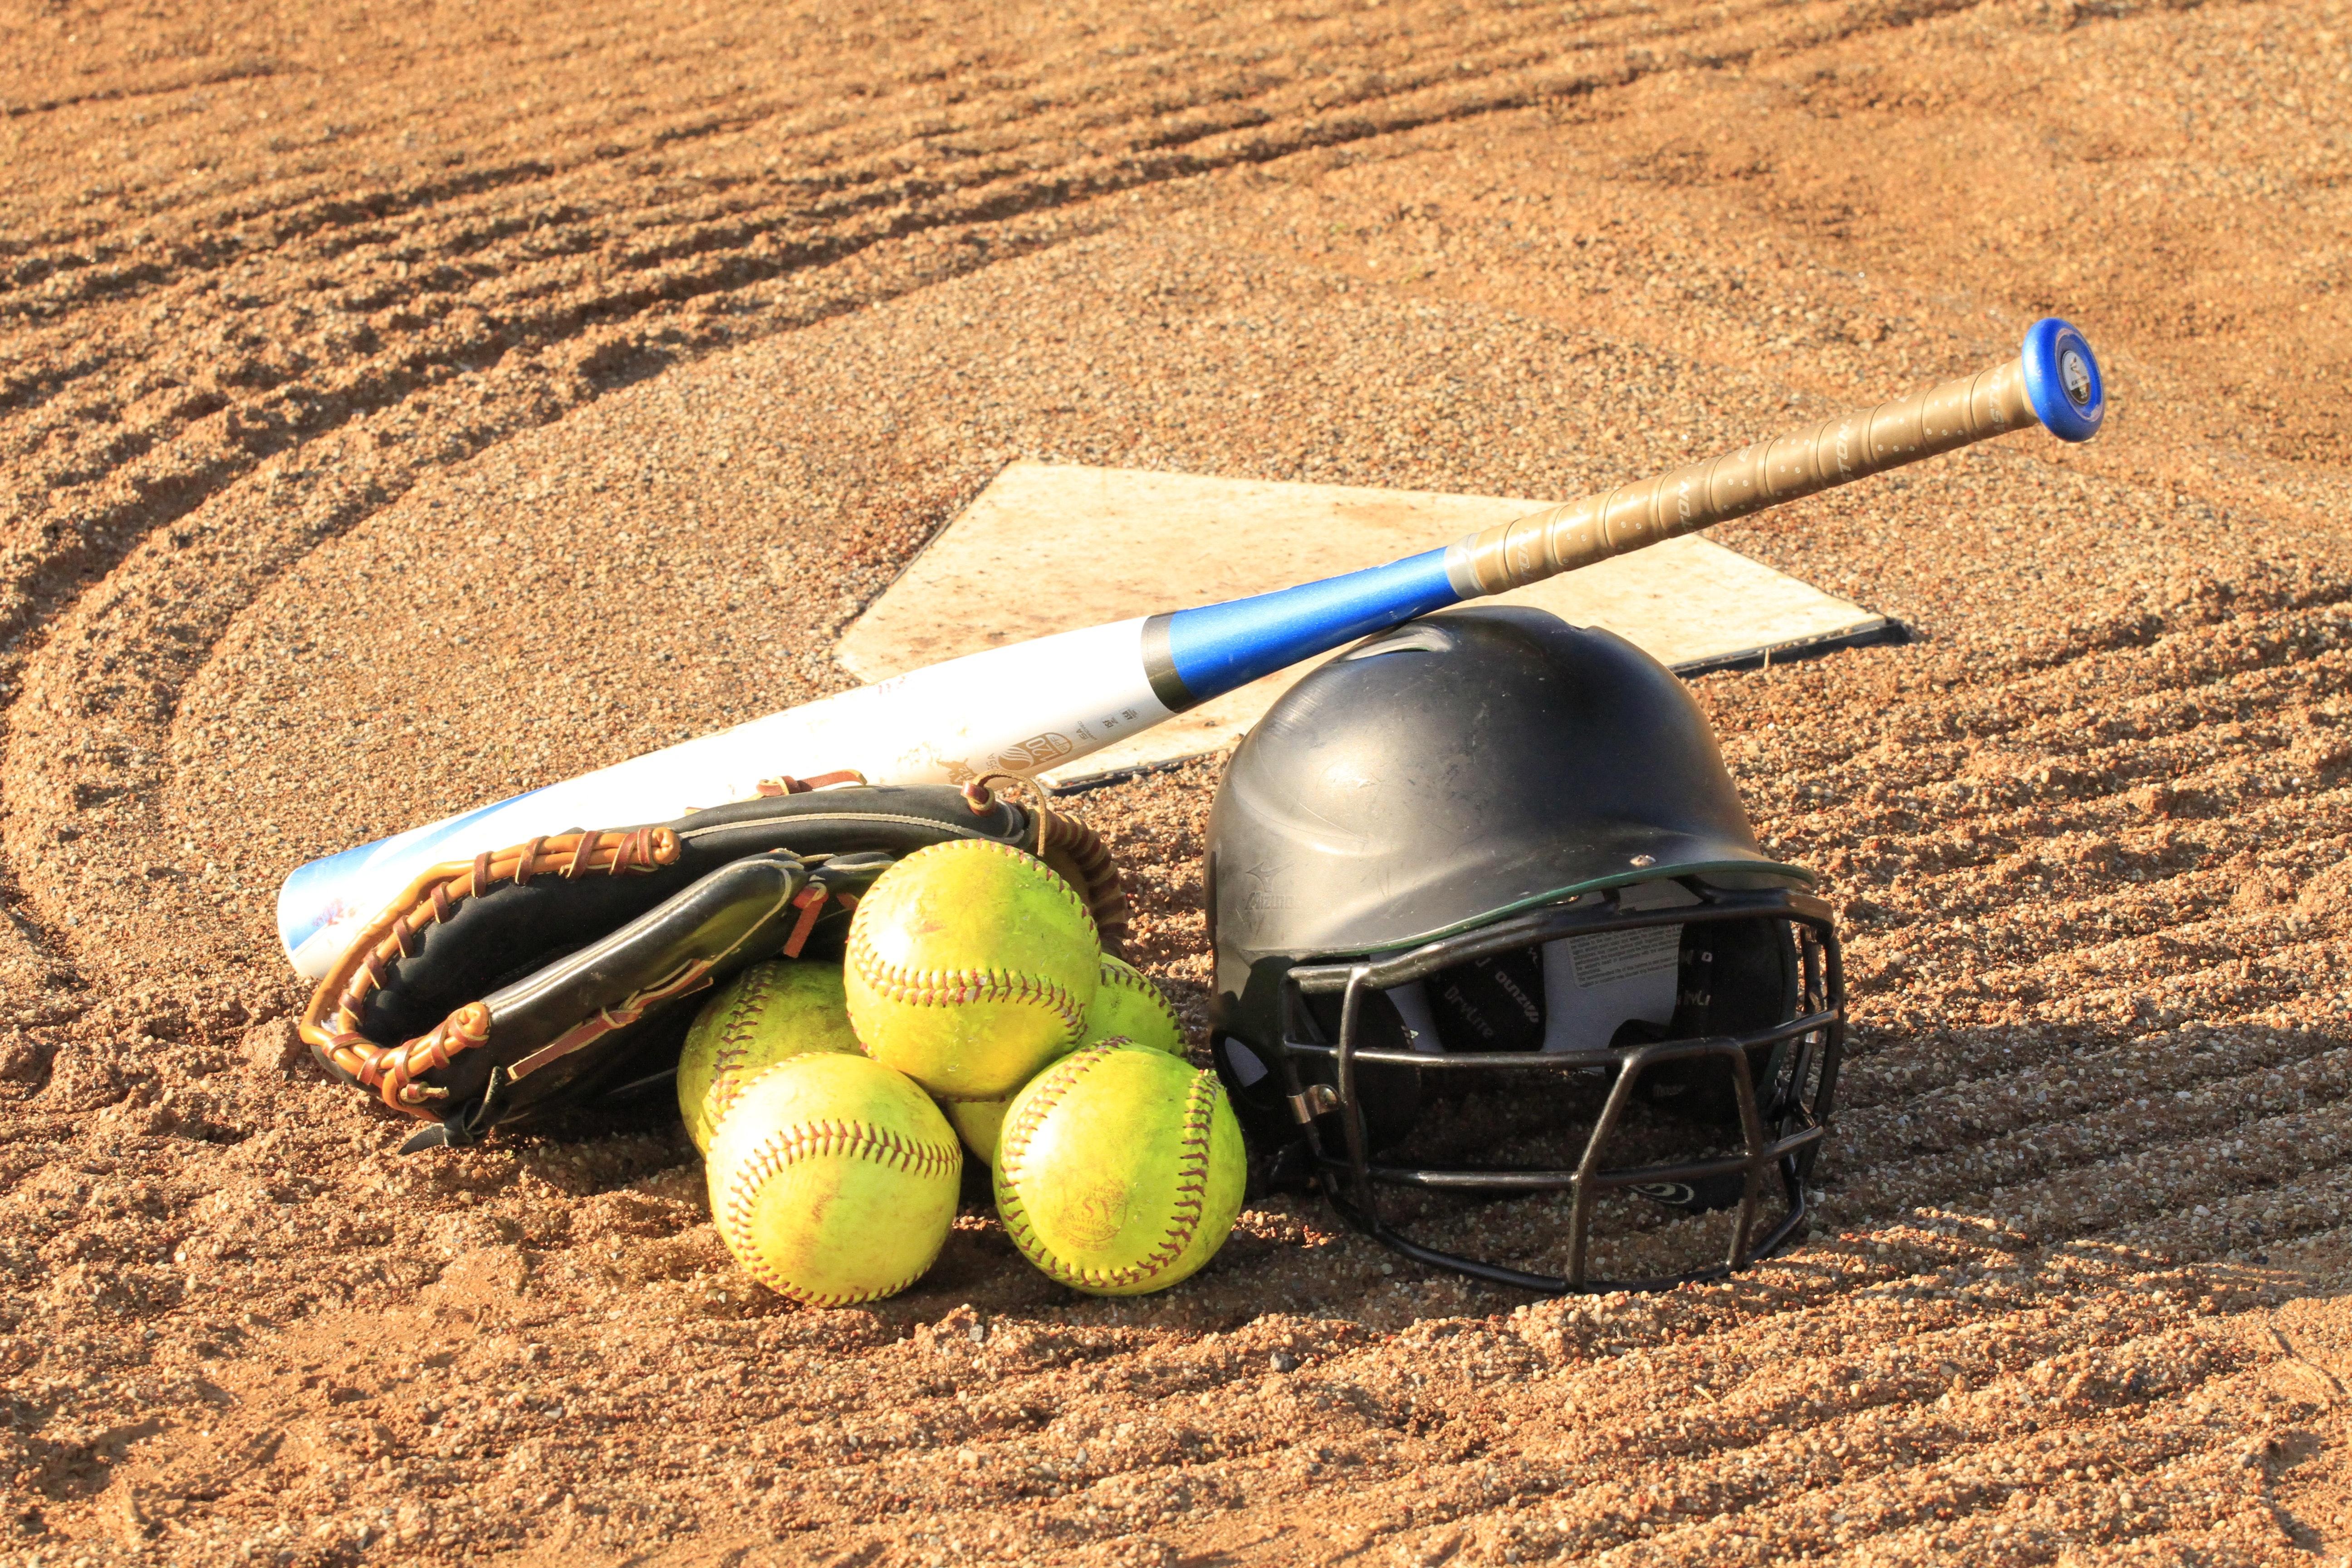 球 - 棒球球棒棒球手套-257970